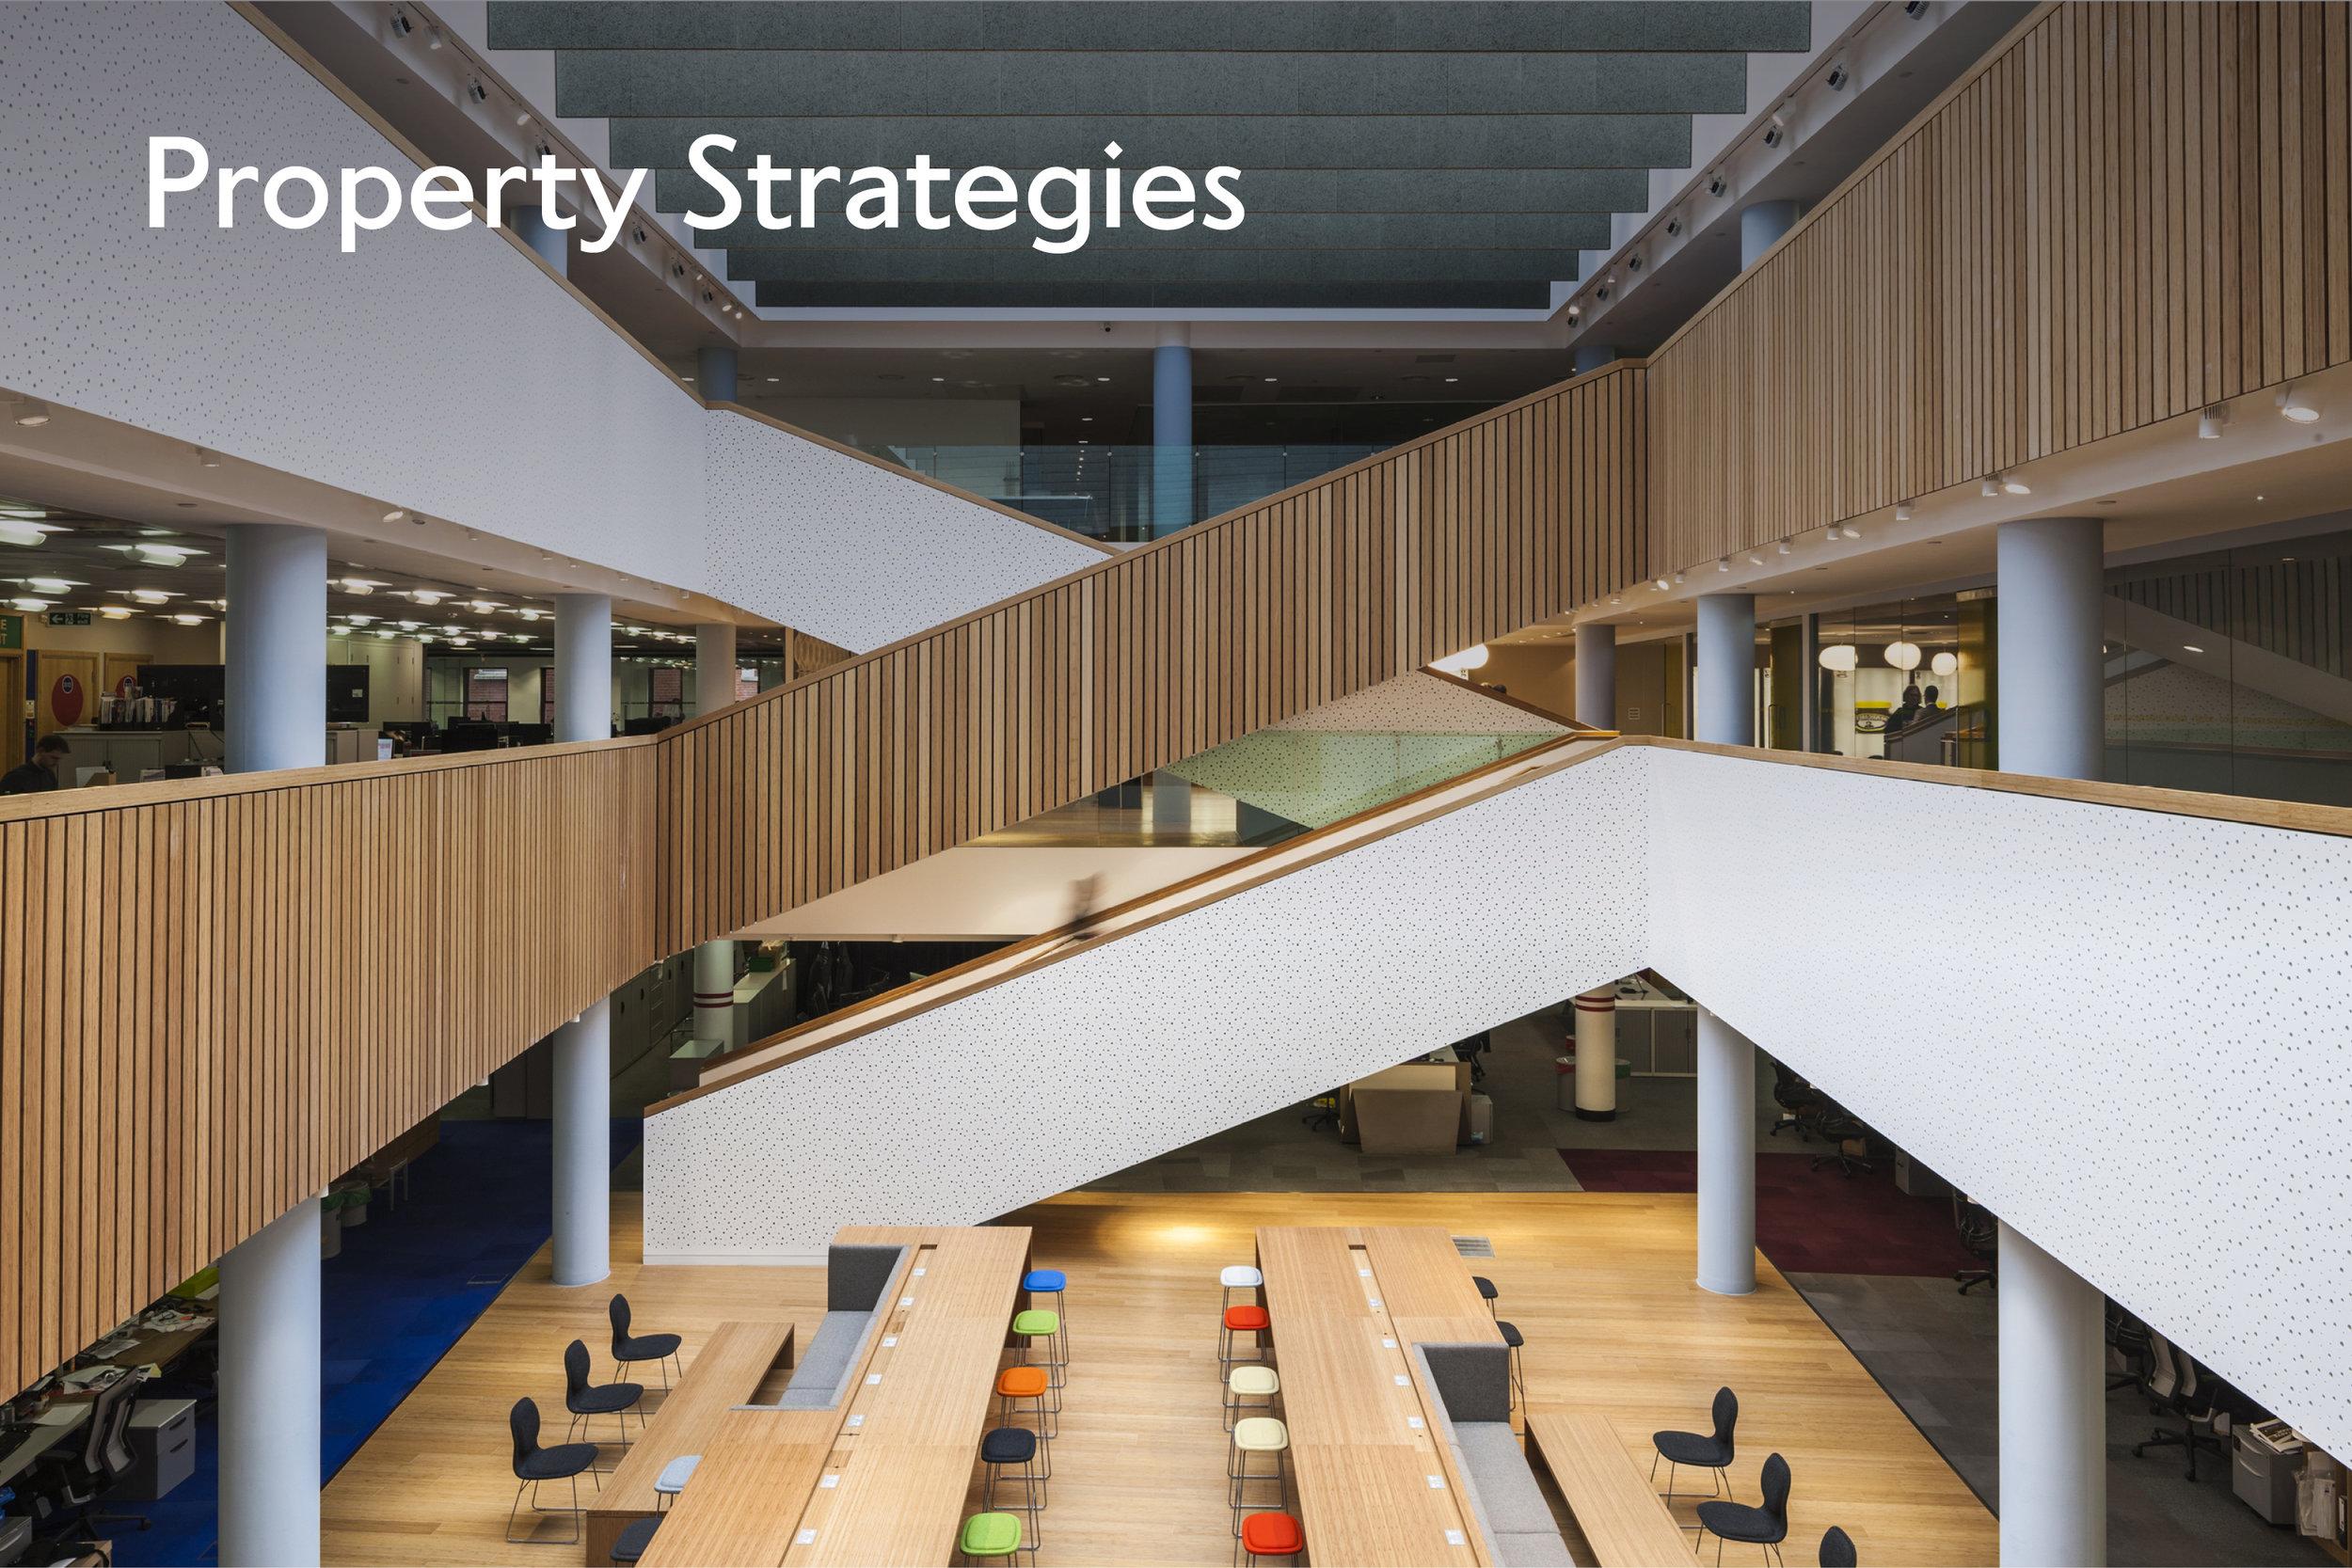 Property Strategies_01.jpg